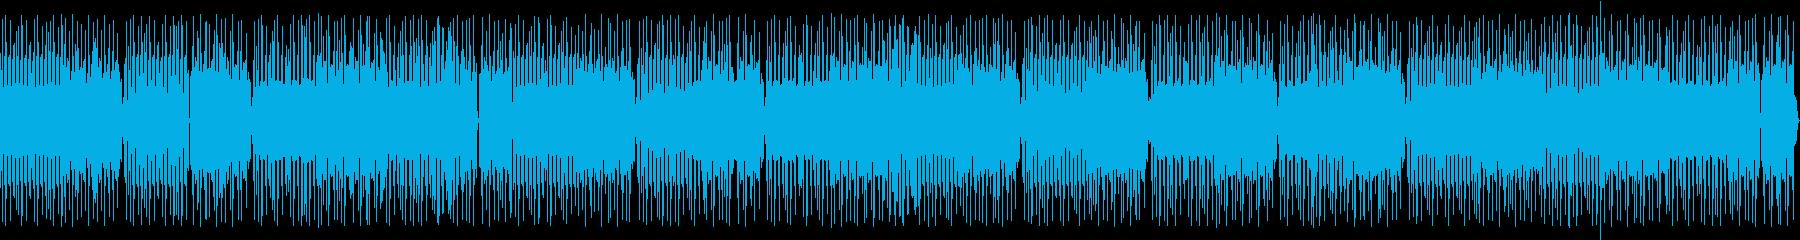 喋り動画用_ローテンポなトランス系BGMの再生済みの波形